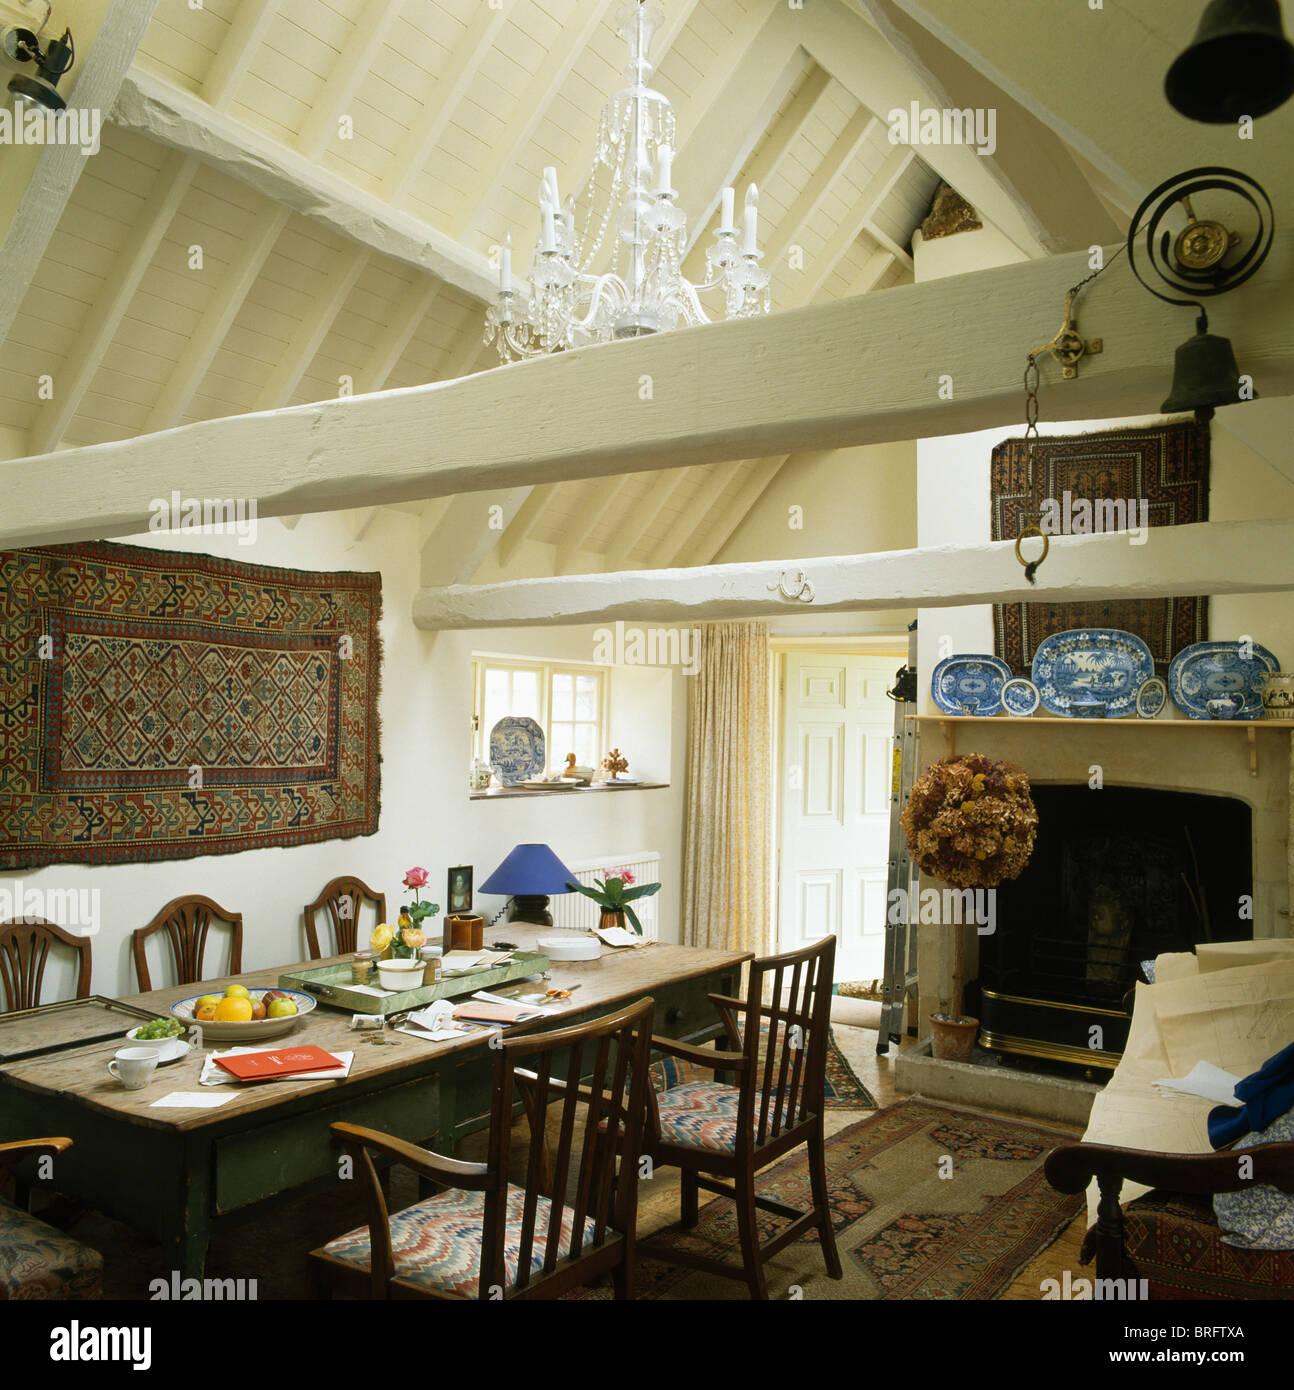 Antiker Tisch und Stühle in Scheune Umbau Speisesaal mit Creme ...